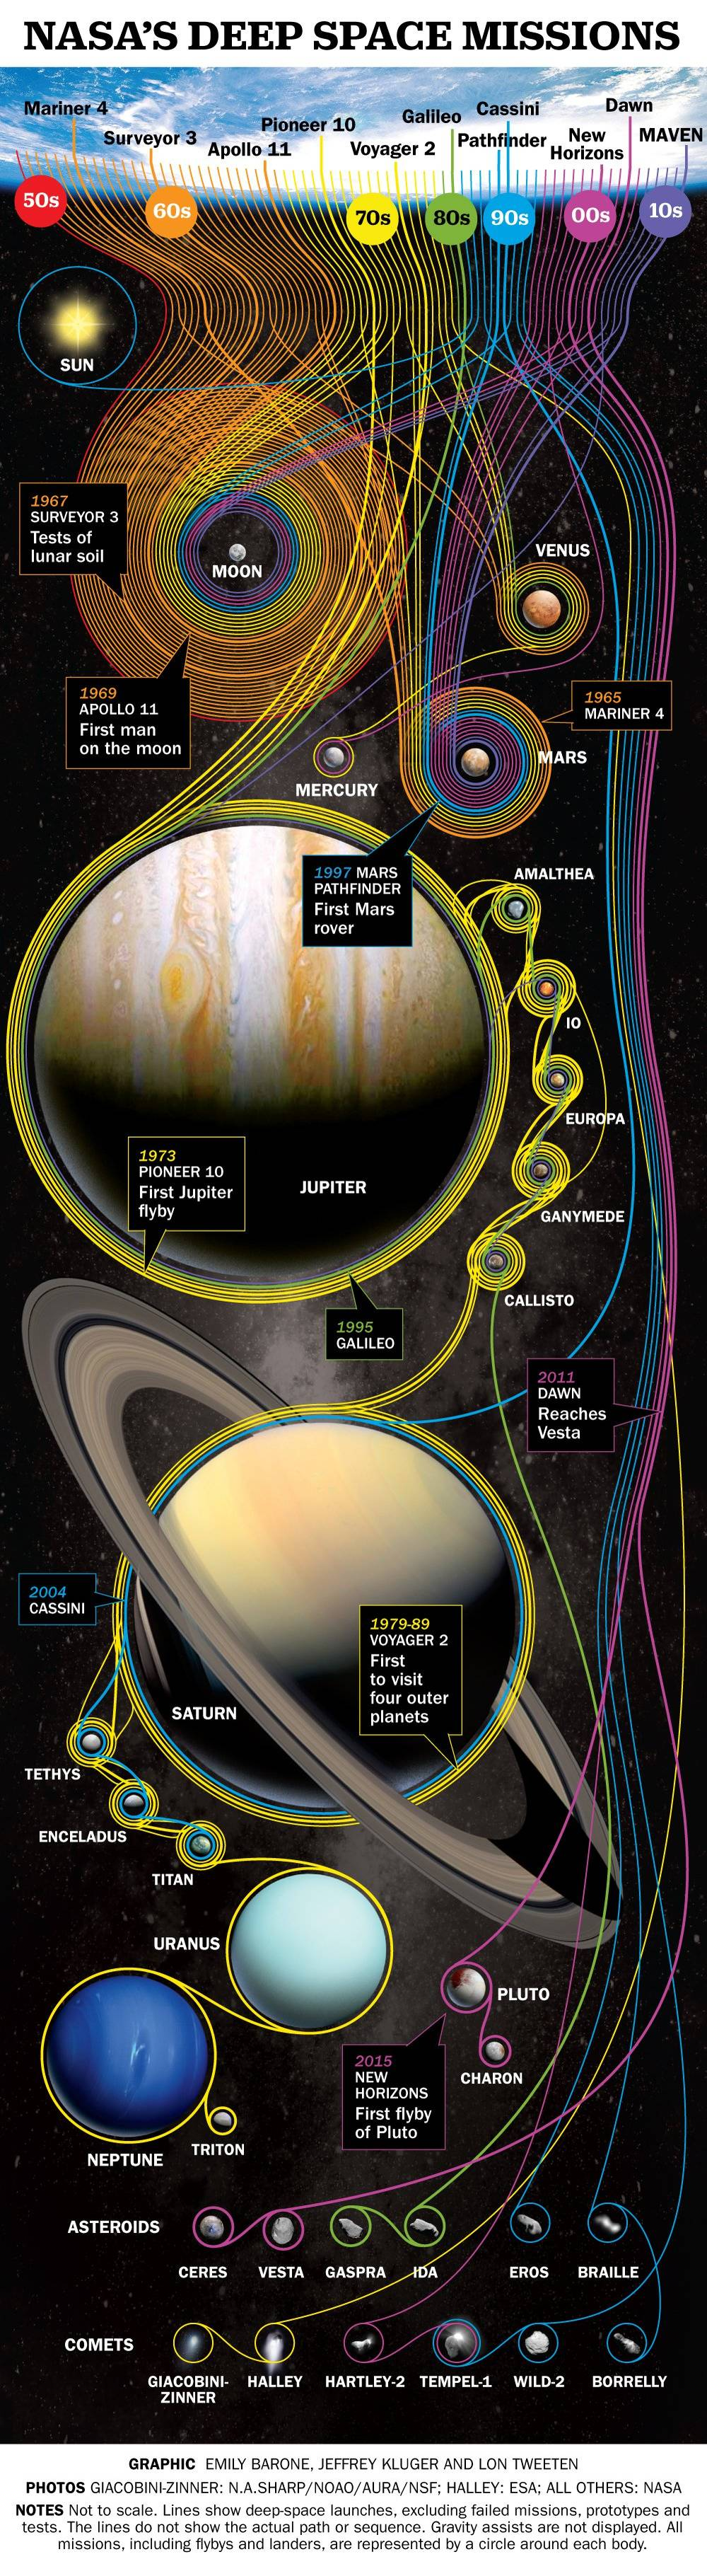 Todas las misiones de la NASA en el expacio exterior